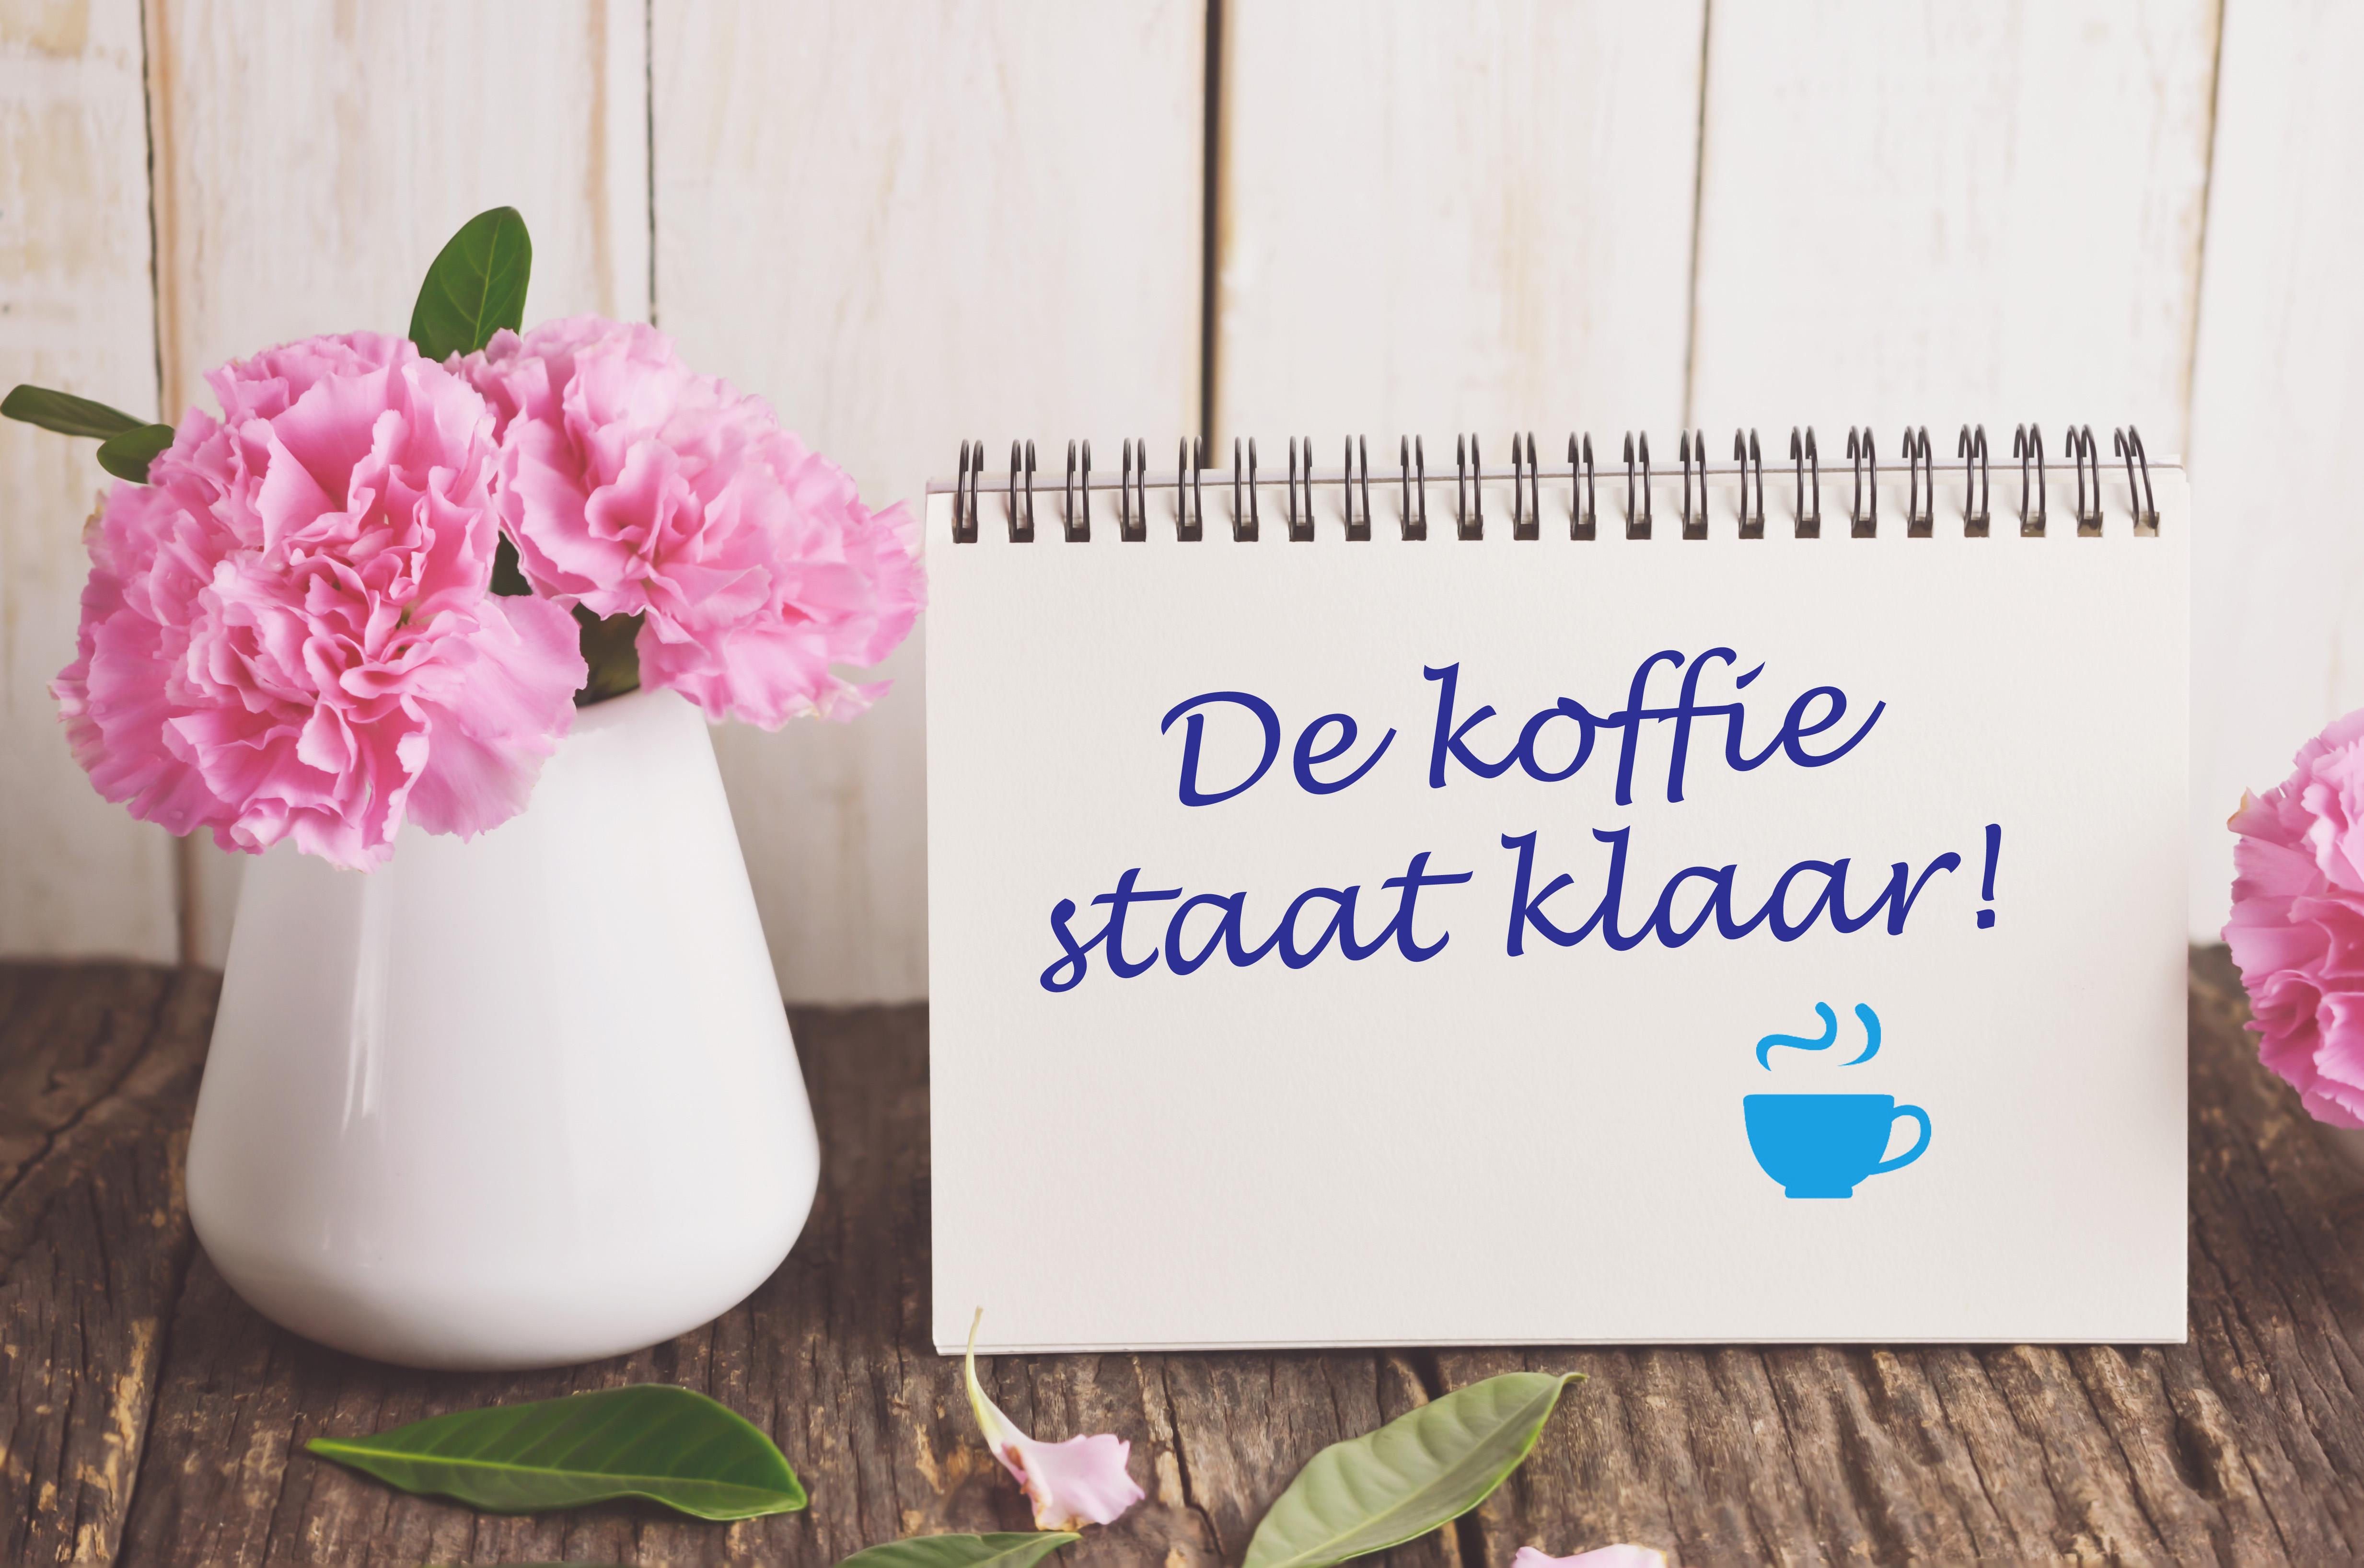 woongroep koffie mozartheuvel